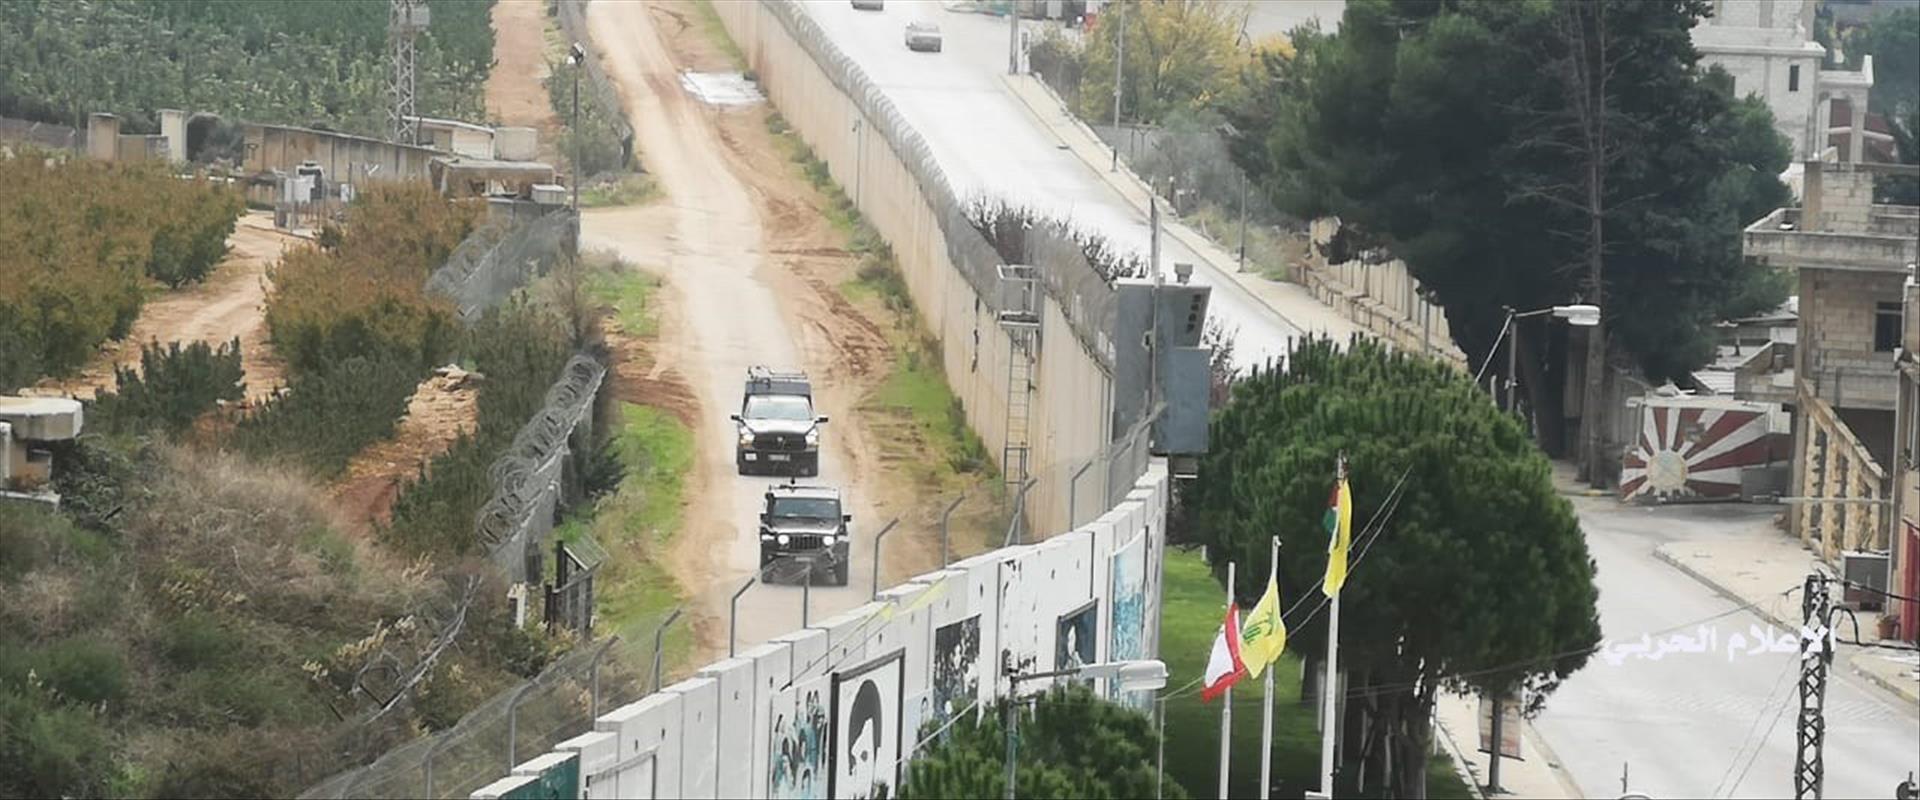 """כוחות צה""""ל על גבול לבנון"""